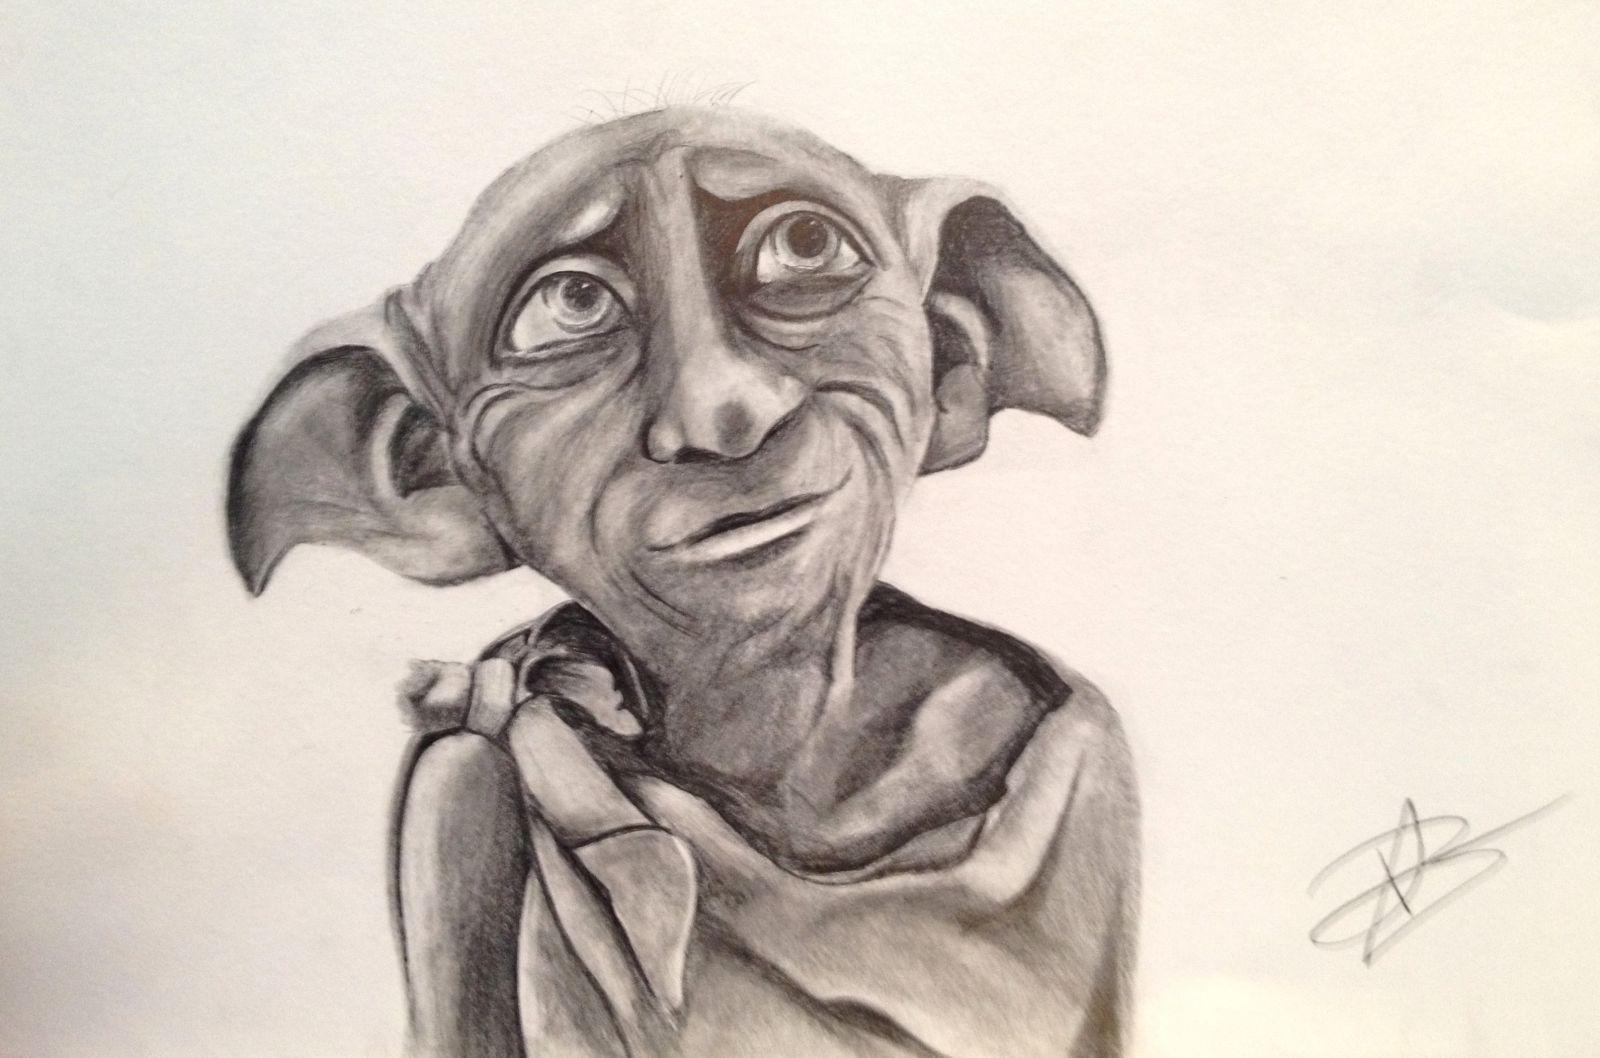 Гарри поттер и добби картинки карандашом